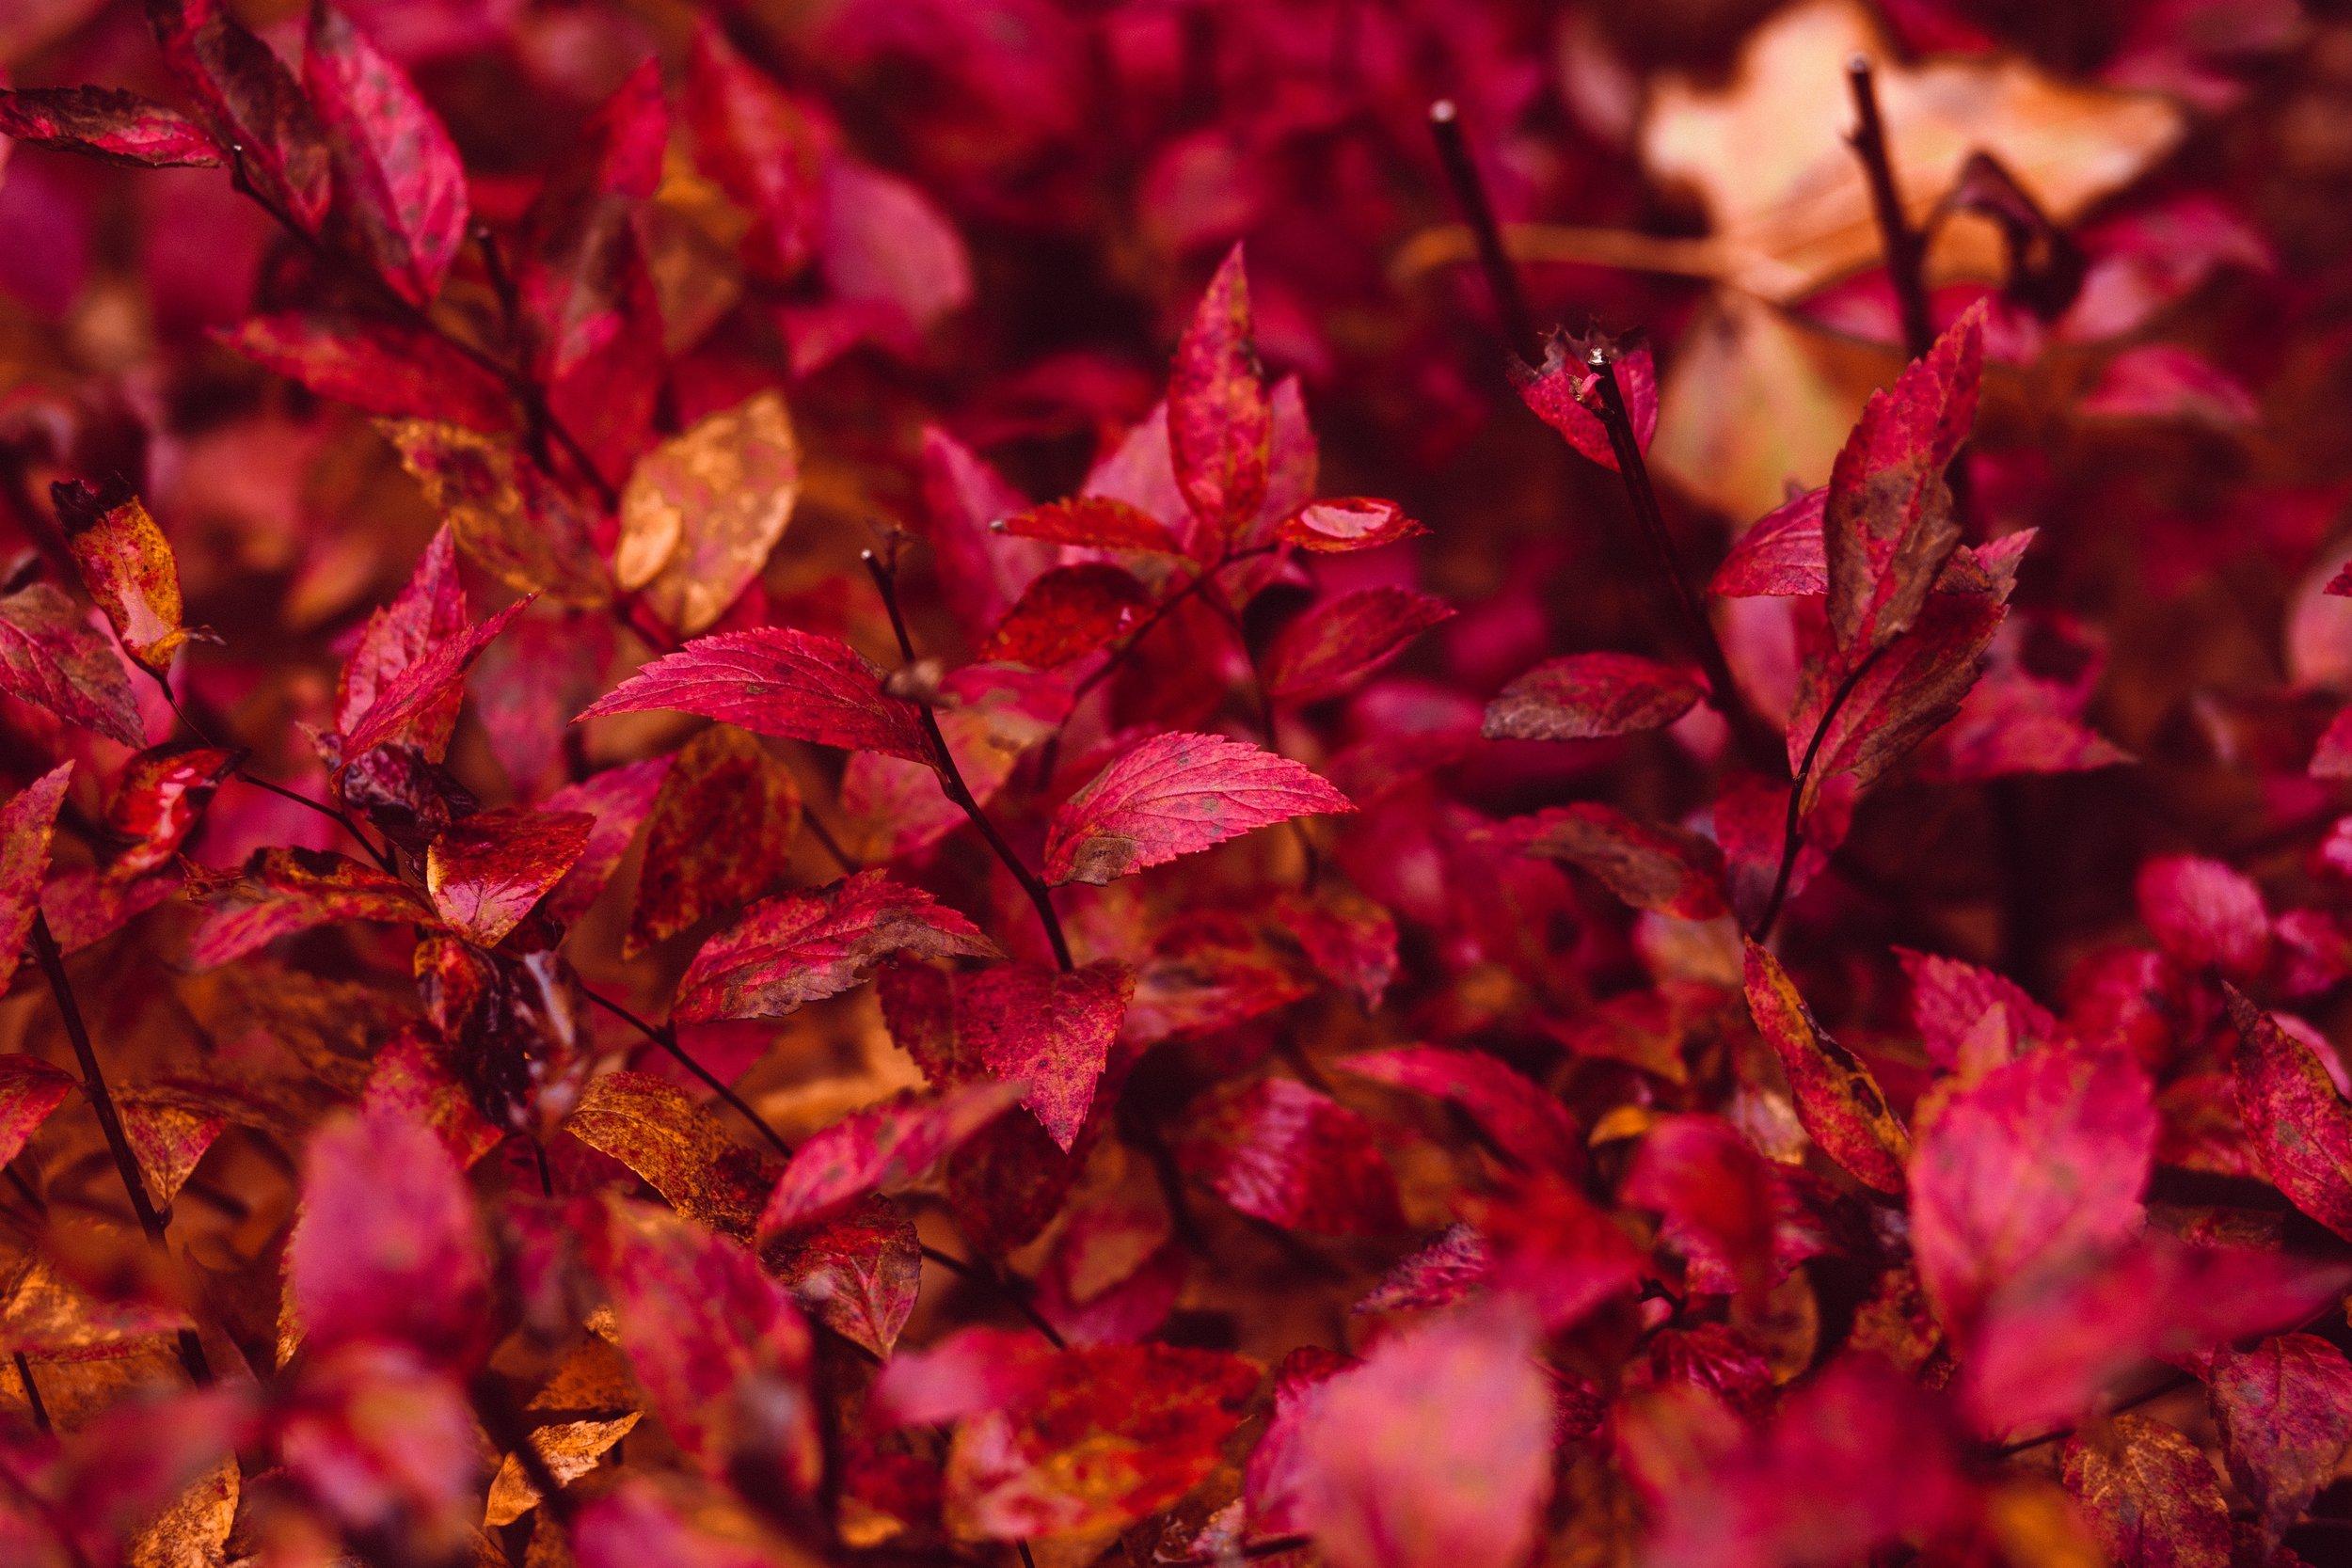 abstract-autumn-autumn-leaves-218678.jpg